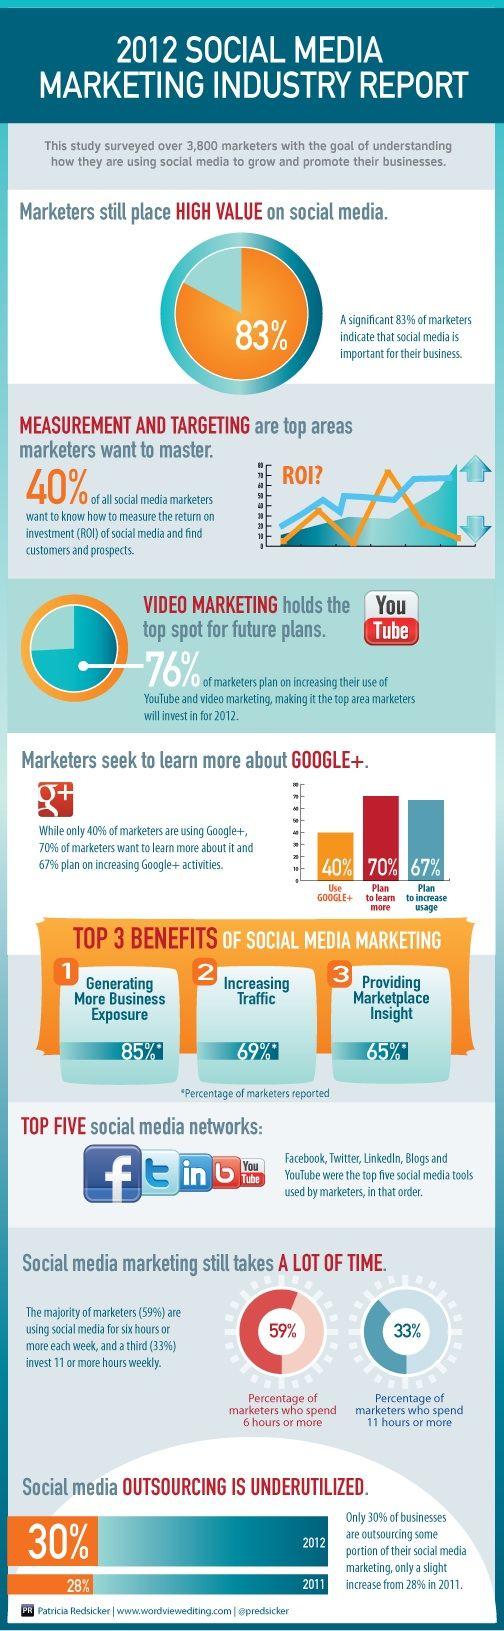 Le aziende come utilizzano i Social Media nel 2012?   Aziende e social network: un'infografica che riassume i dati più interessanti emersi dal Social Media Marketing Industry Report 2012